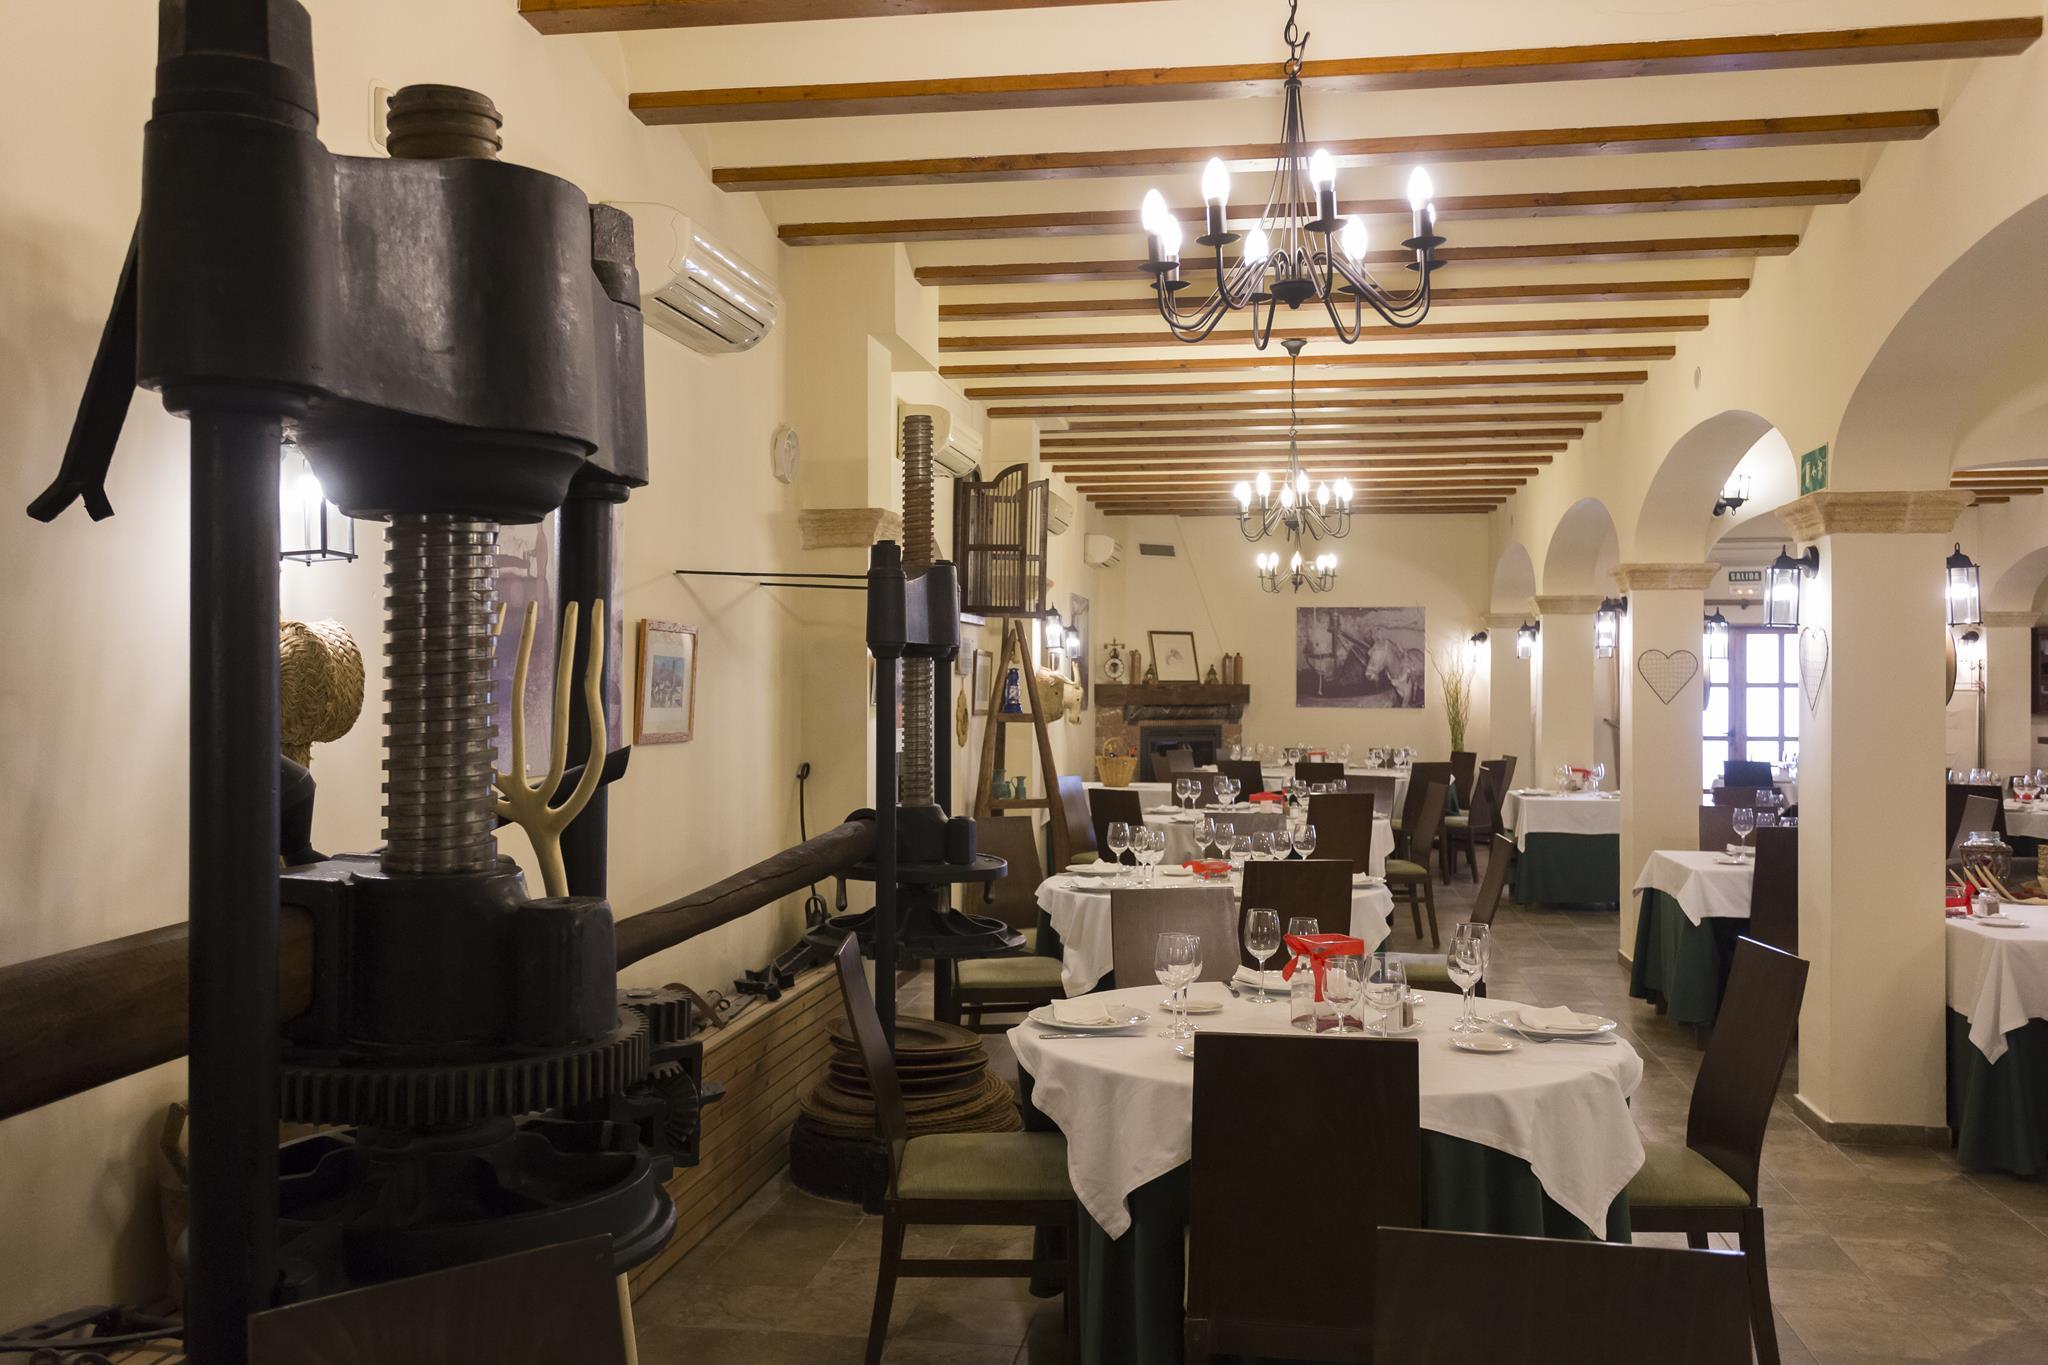 Decoracion Rustica Almazara Hotel Tossal Altea